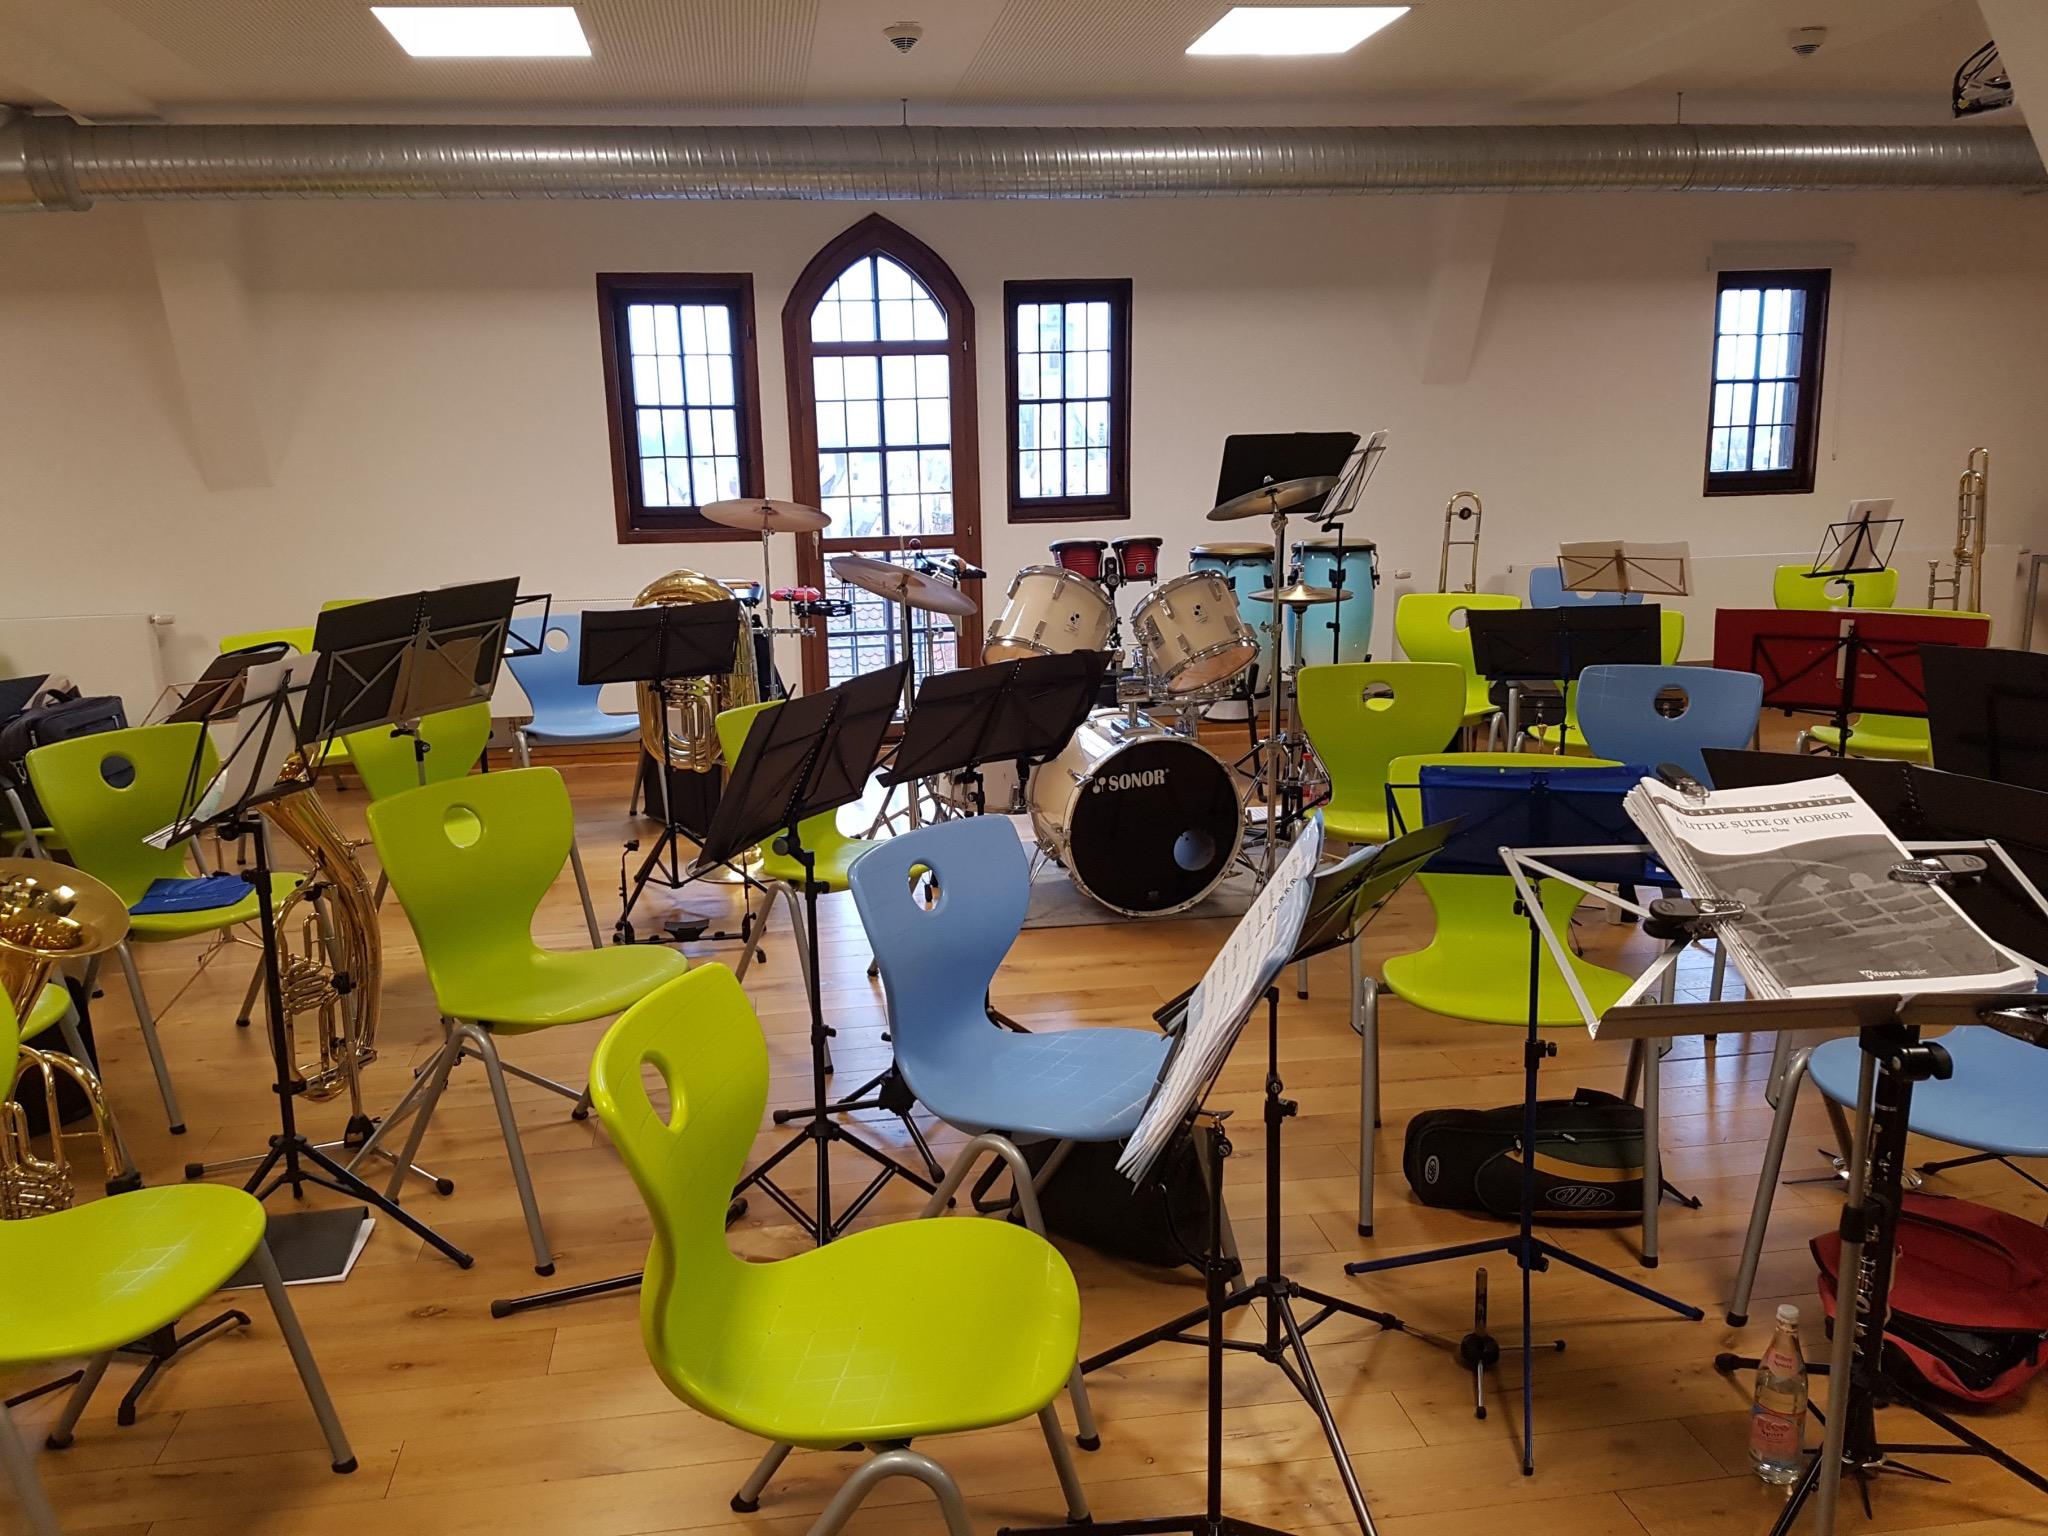 Der Musikprobenraum in der Dinkelsbühler Jugendherberge. Foto: Susen Liekfeldt